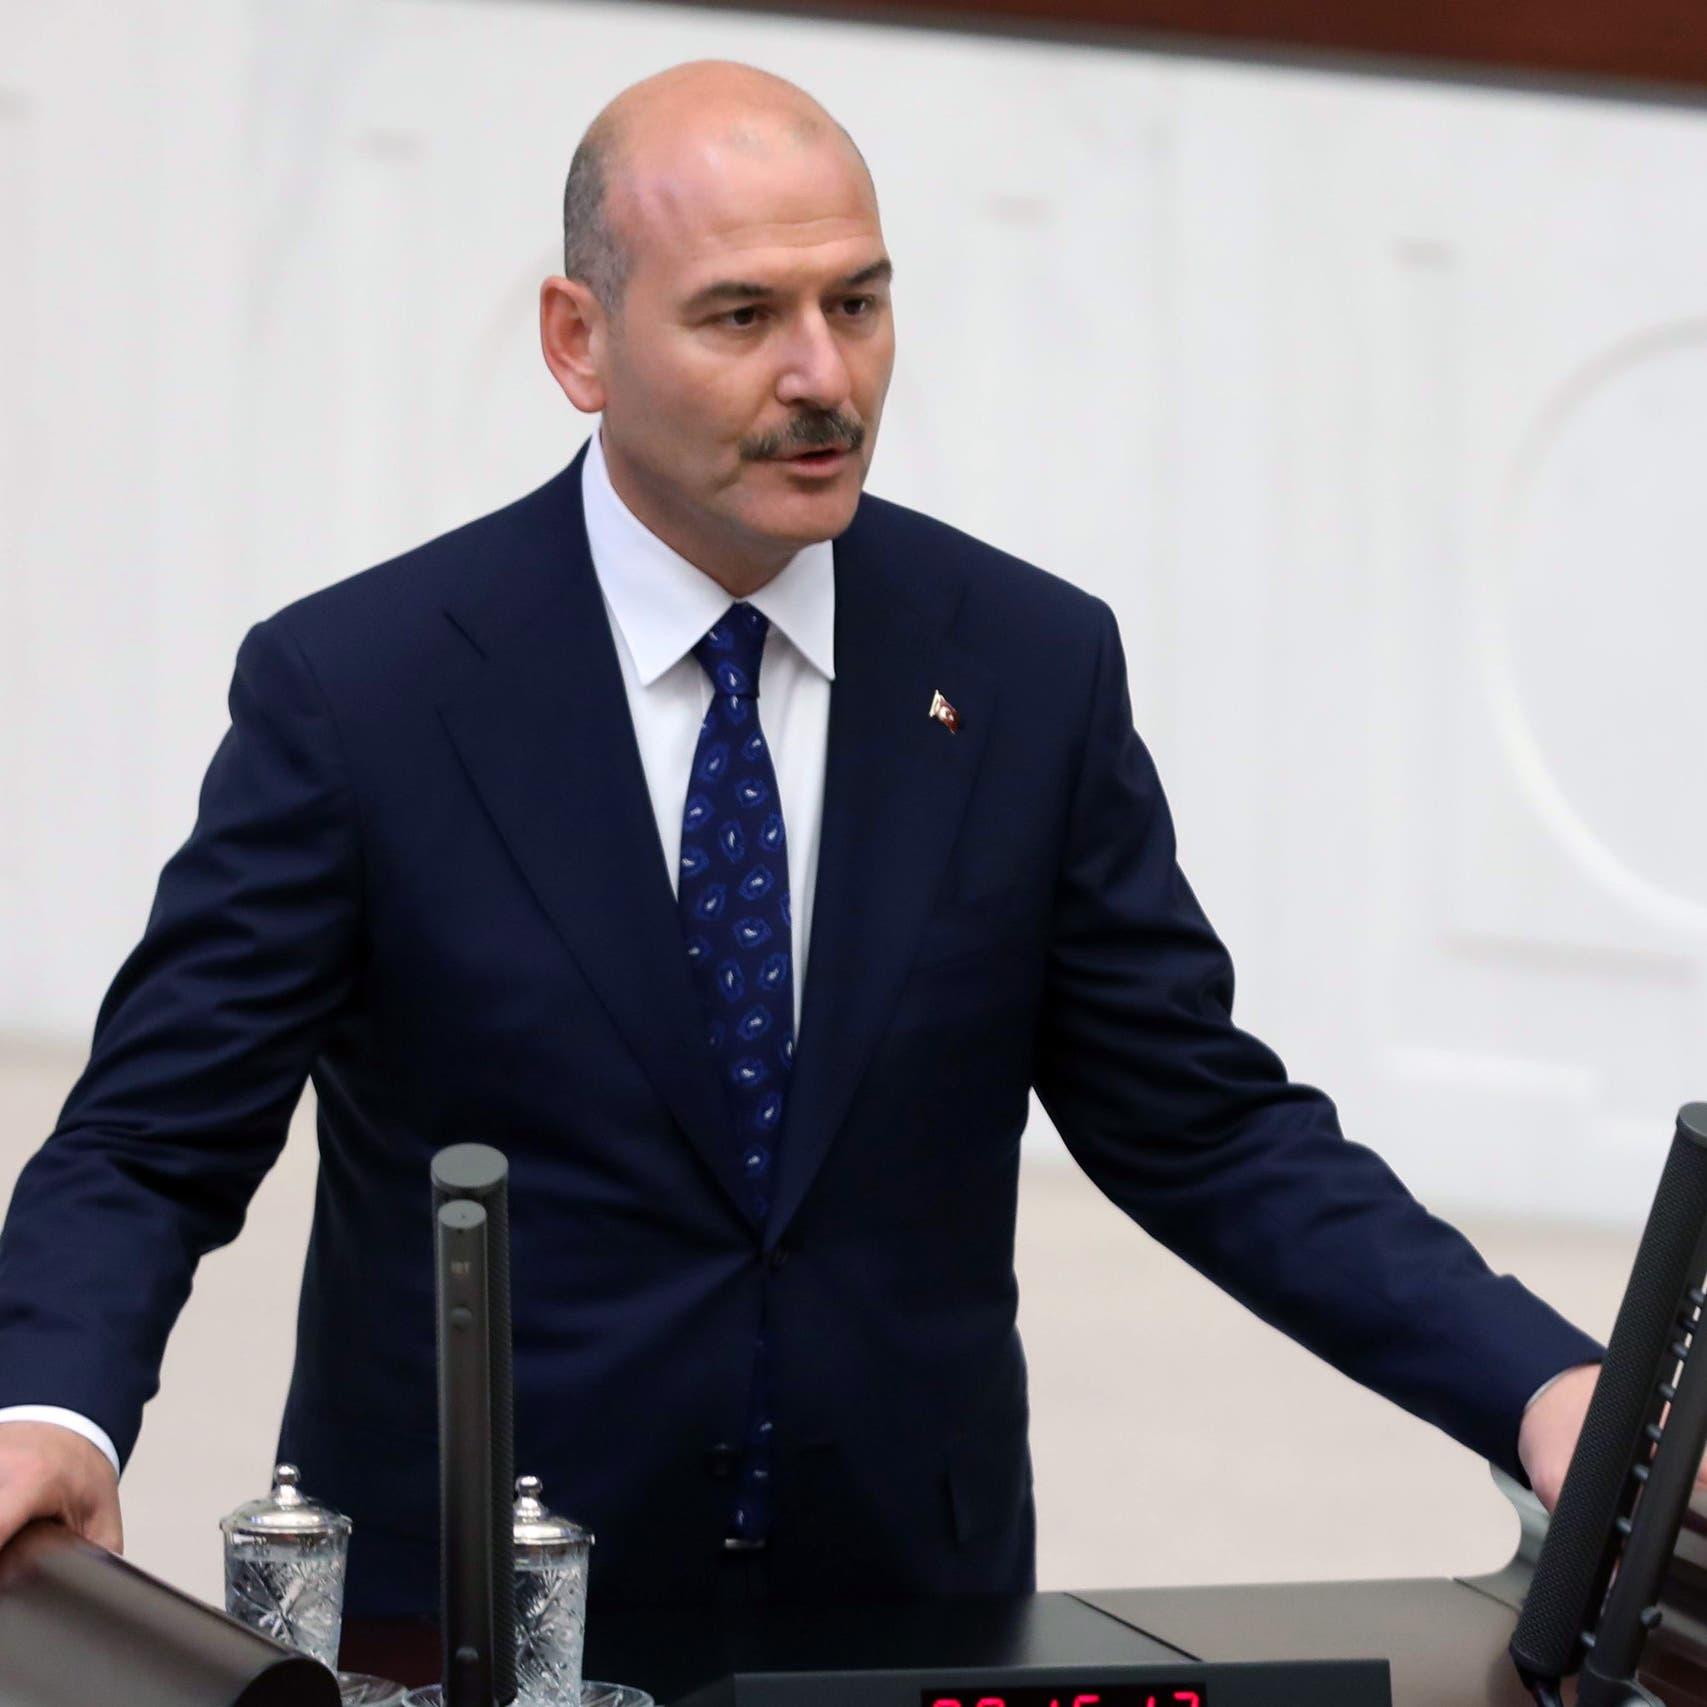 اعتقال صحافية تركية.. وتغريدة تفضح وزير الداخلية